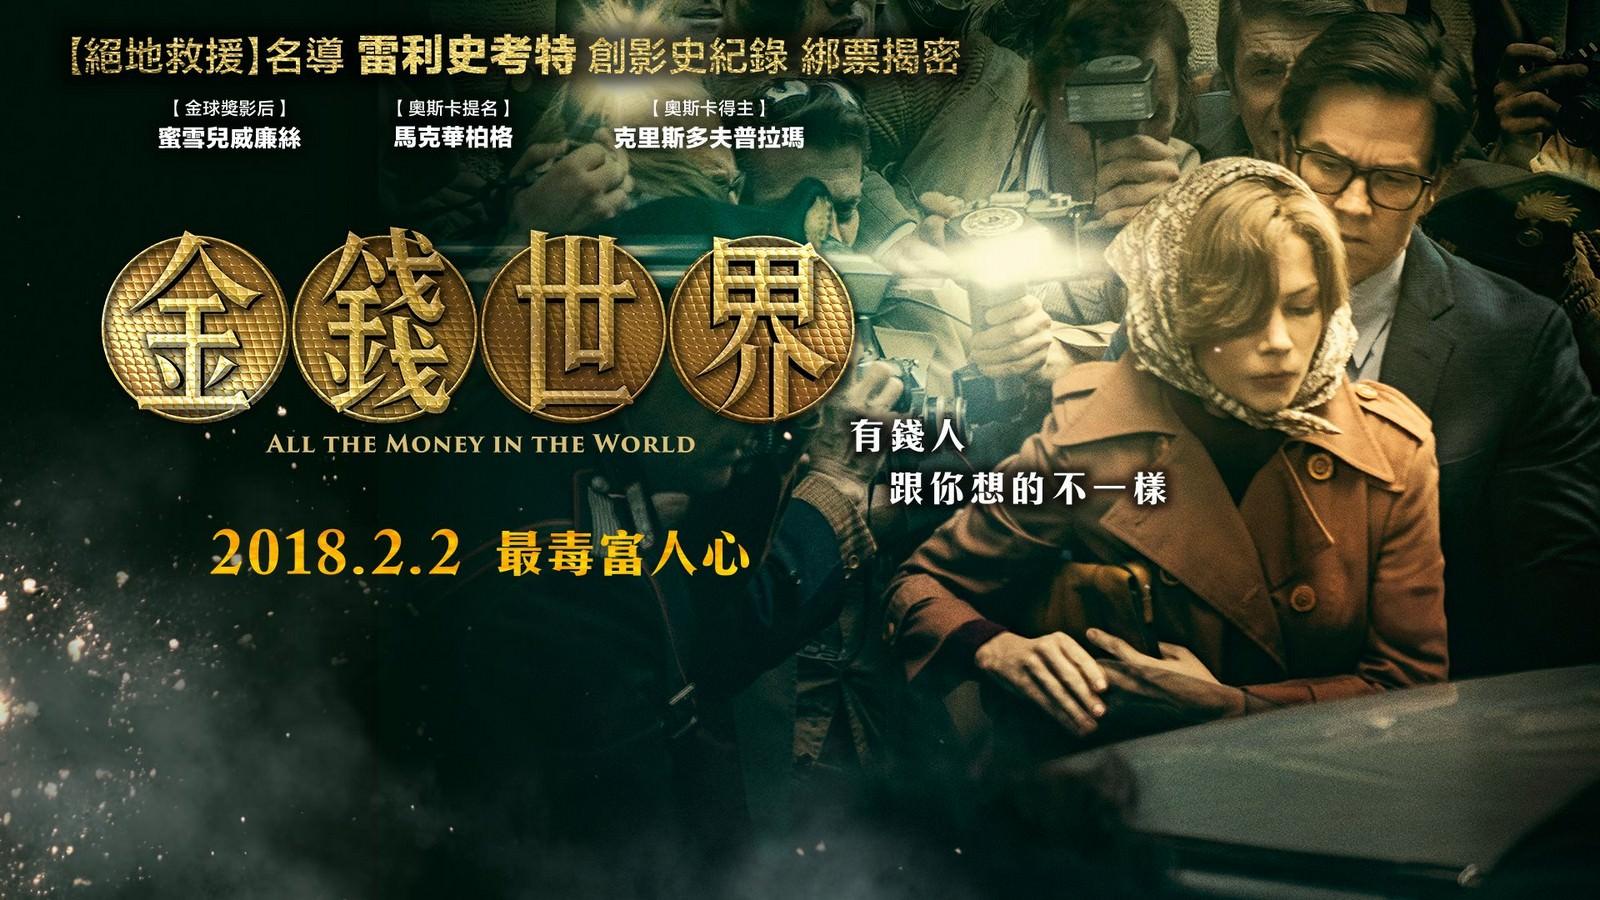 Movie, All the Money in the World(美國, 2017) / 金錢世界(台) / 金钱世界(中) / 萬惡金錢(港), 電影海報, 台灣, 橫版